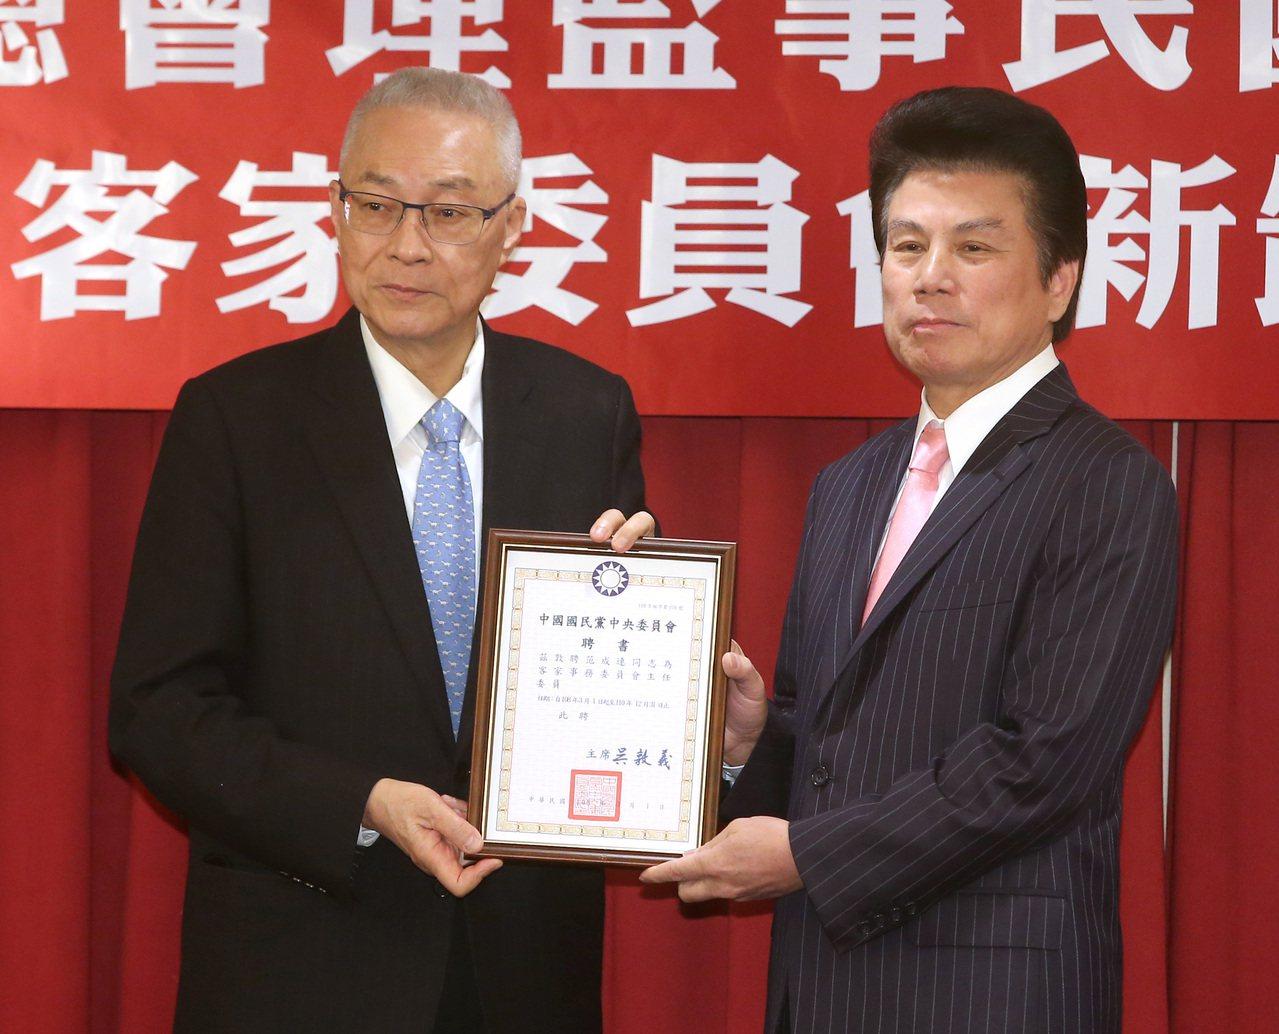 國民黨主席吳敦義(左),國民黨客委會主委范成連。 本報資料照